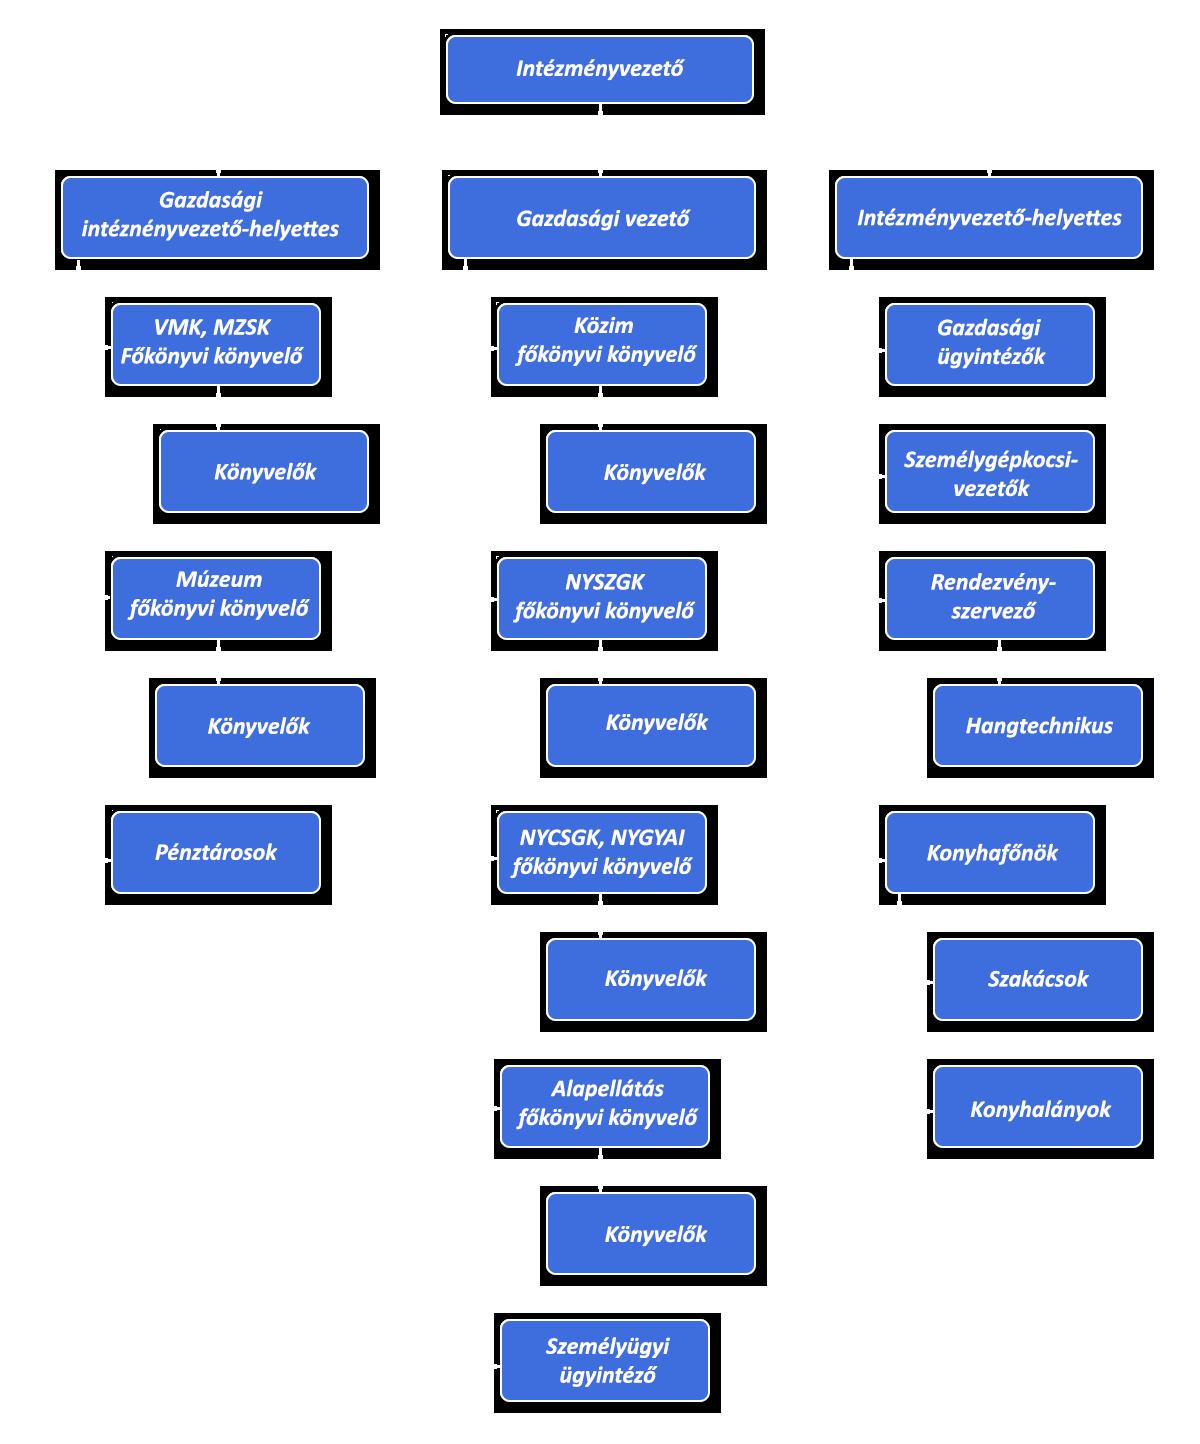 szervezeti-struktura-new